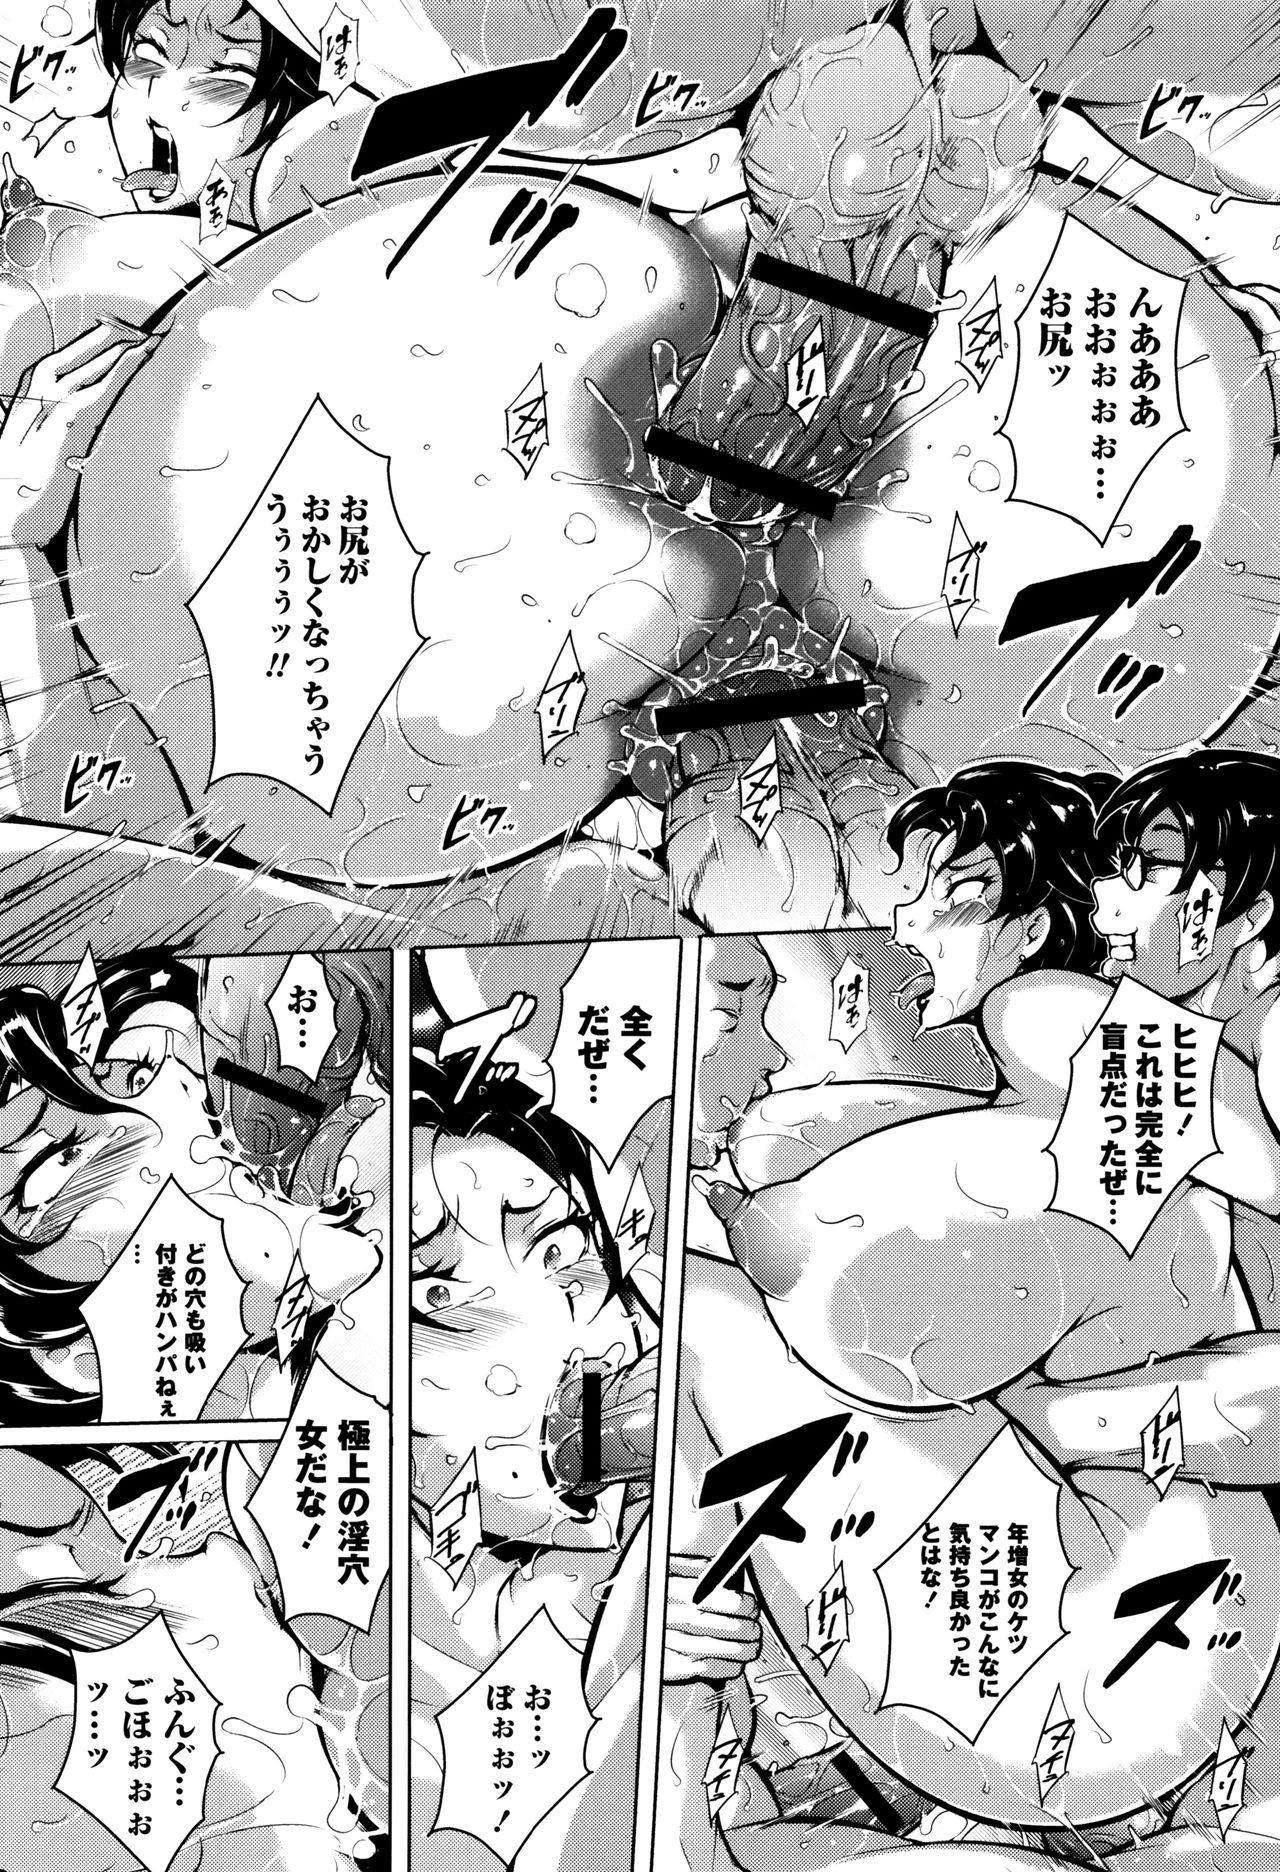 Ero BBA ♥ Dosukebe Ha Sengen 81